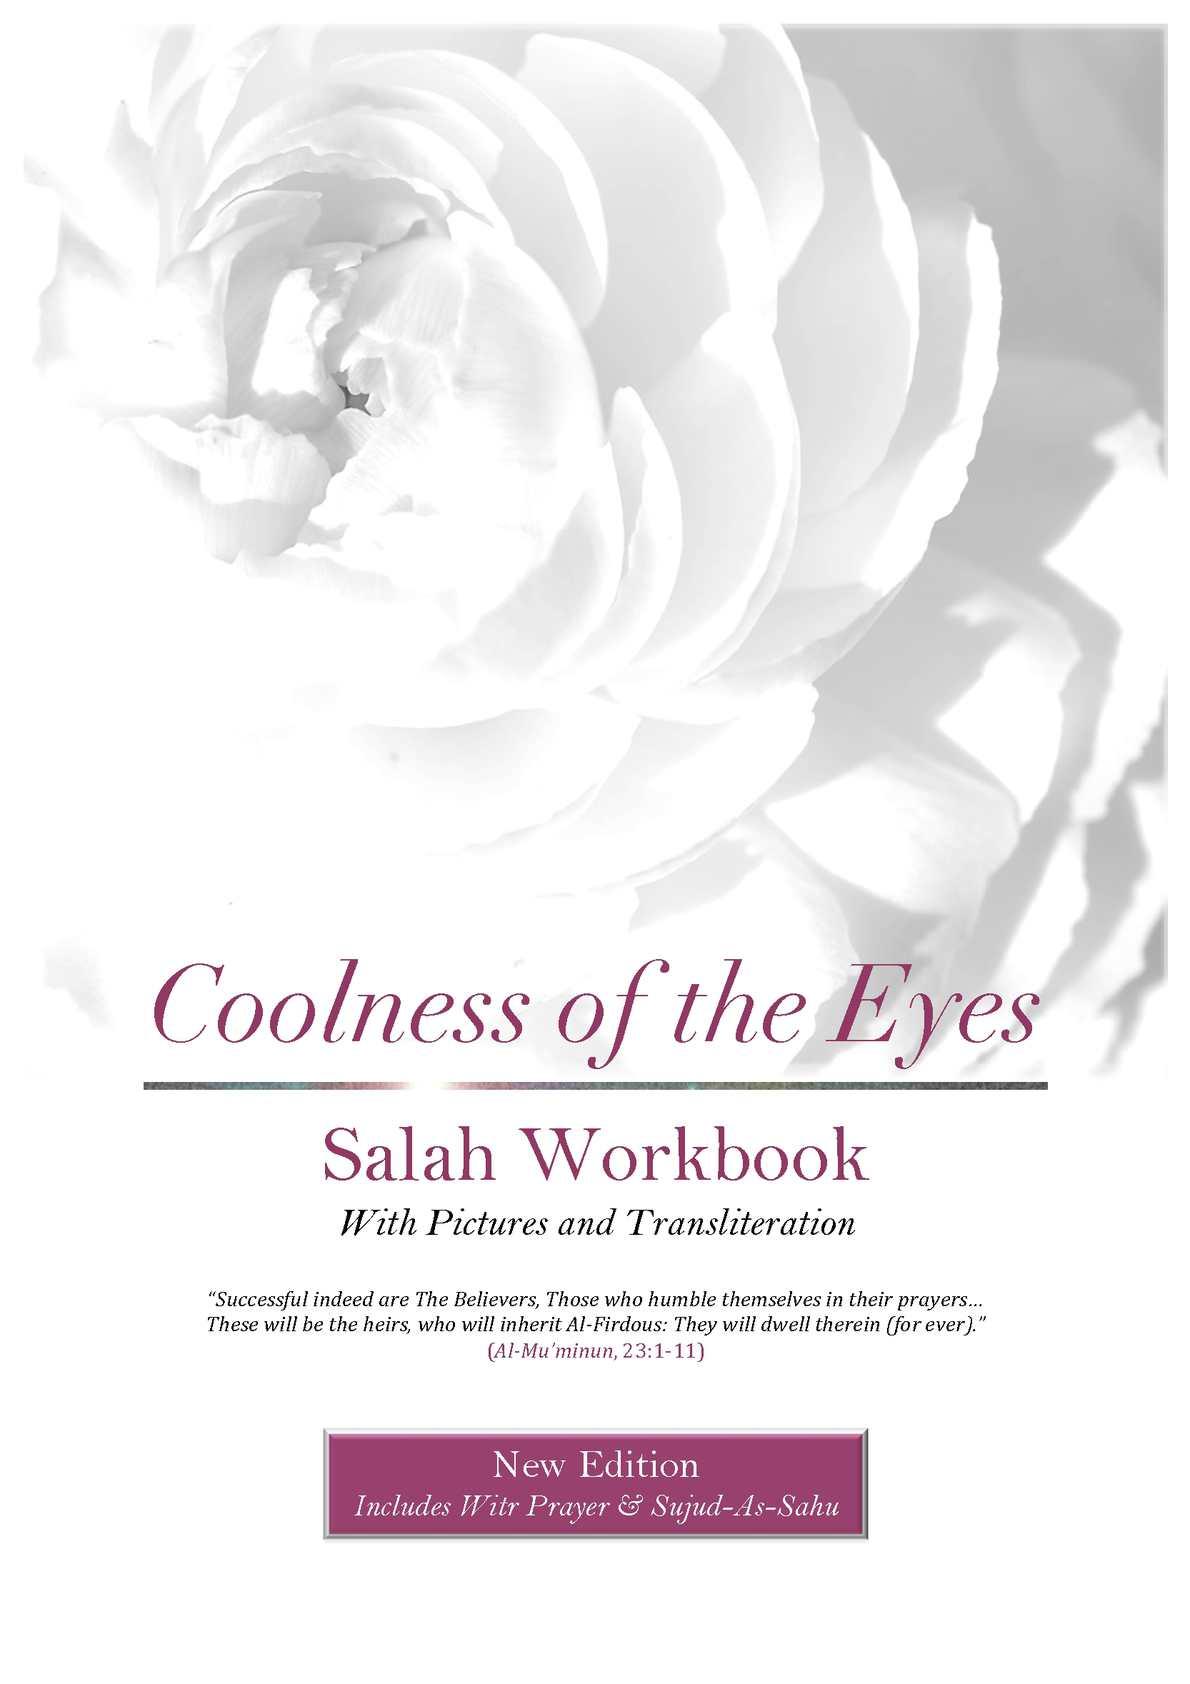 Calaméo - Coolness of the Eyes Salah Workbook